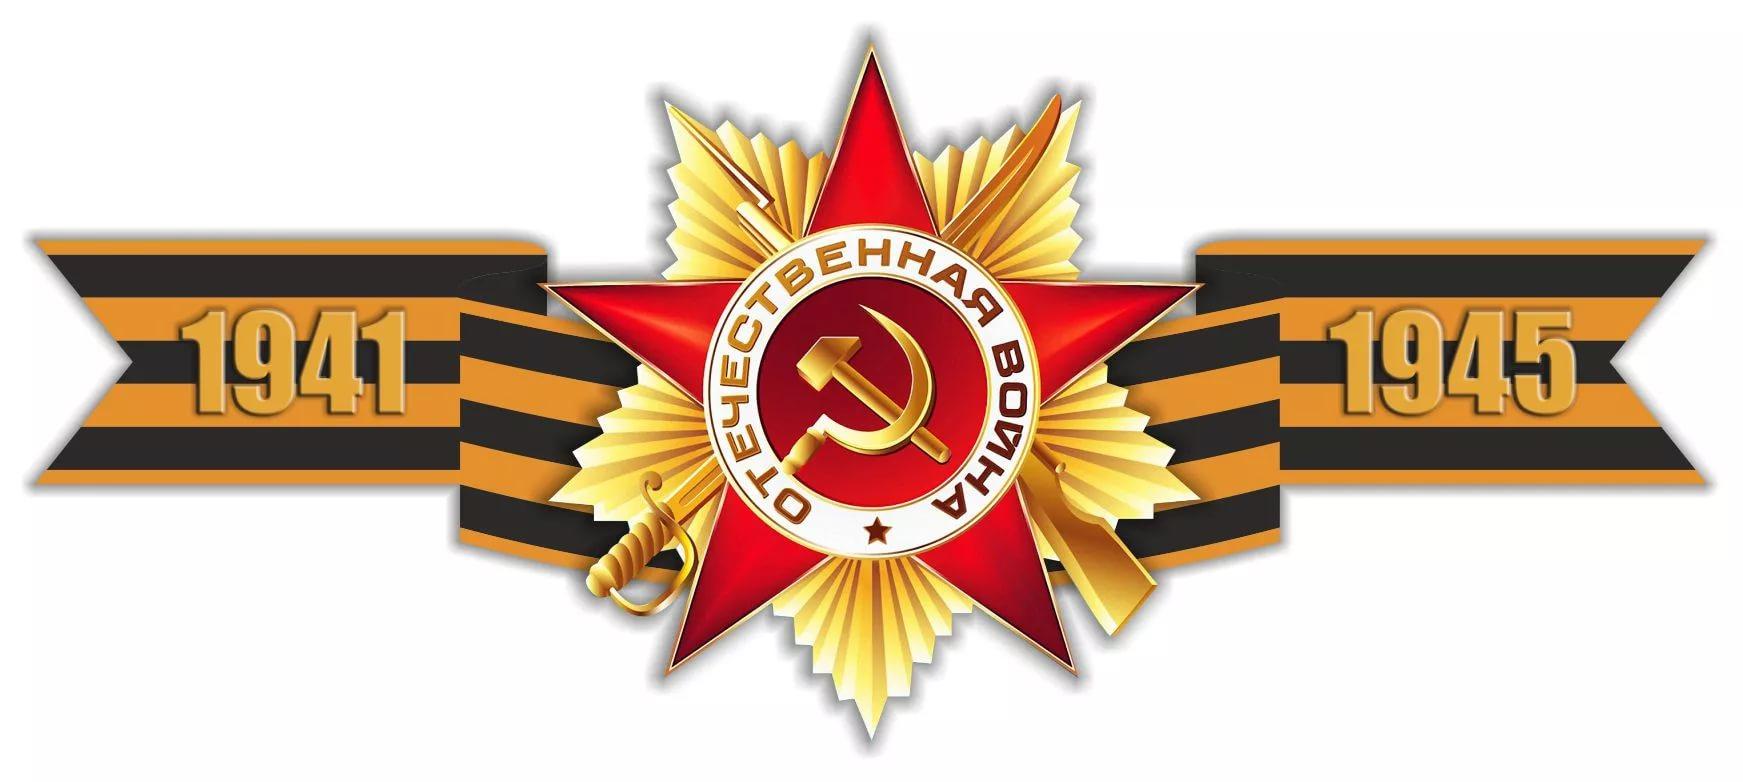 Мероприятия, посвященные Дню Победы над немецко-фашистскими захватчиками